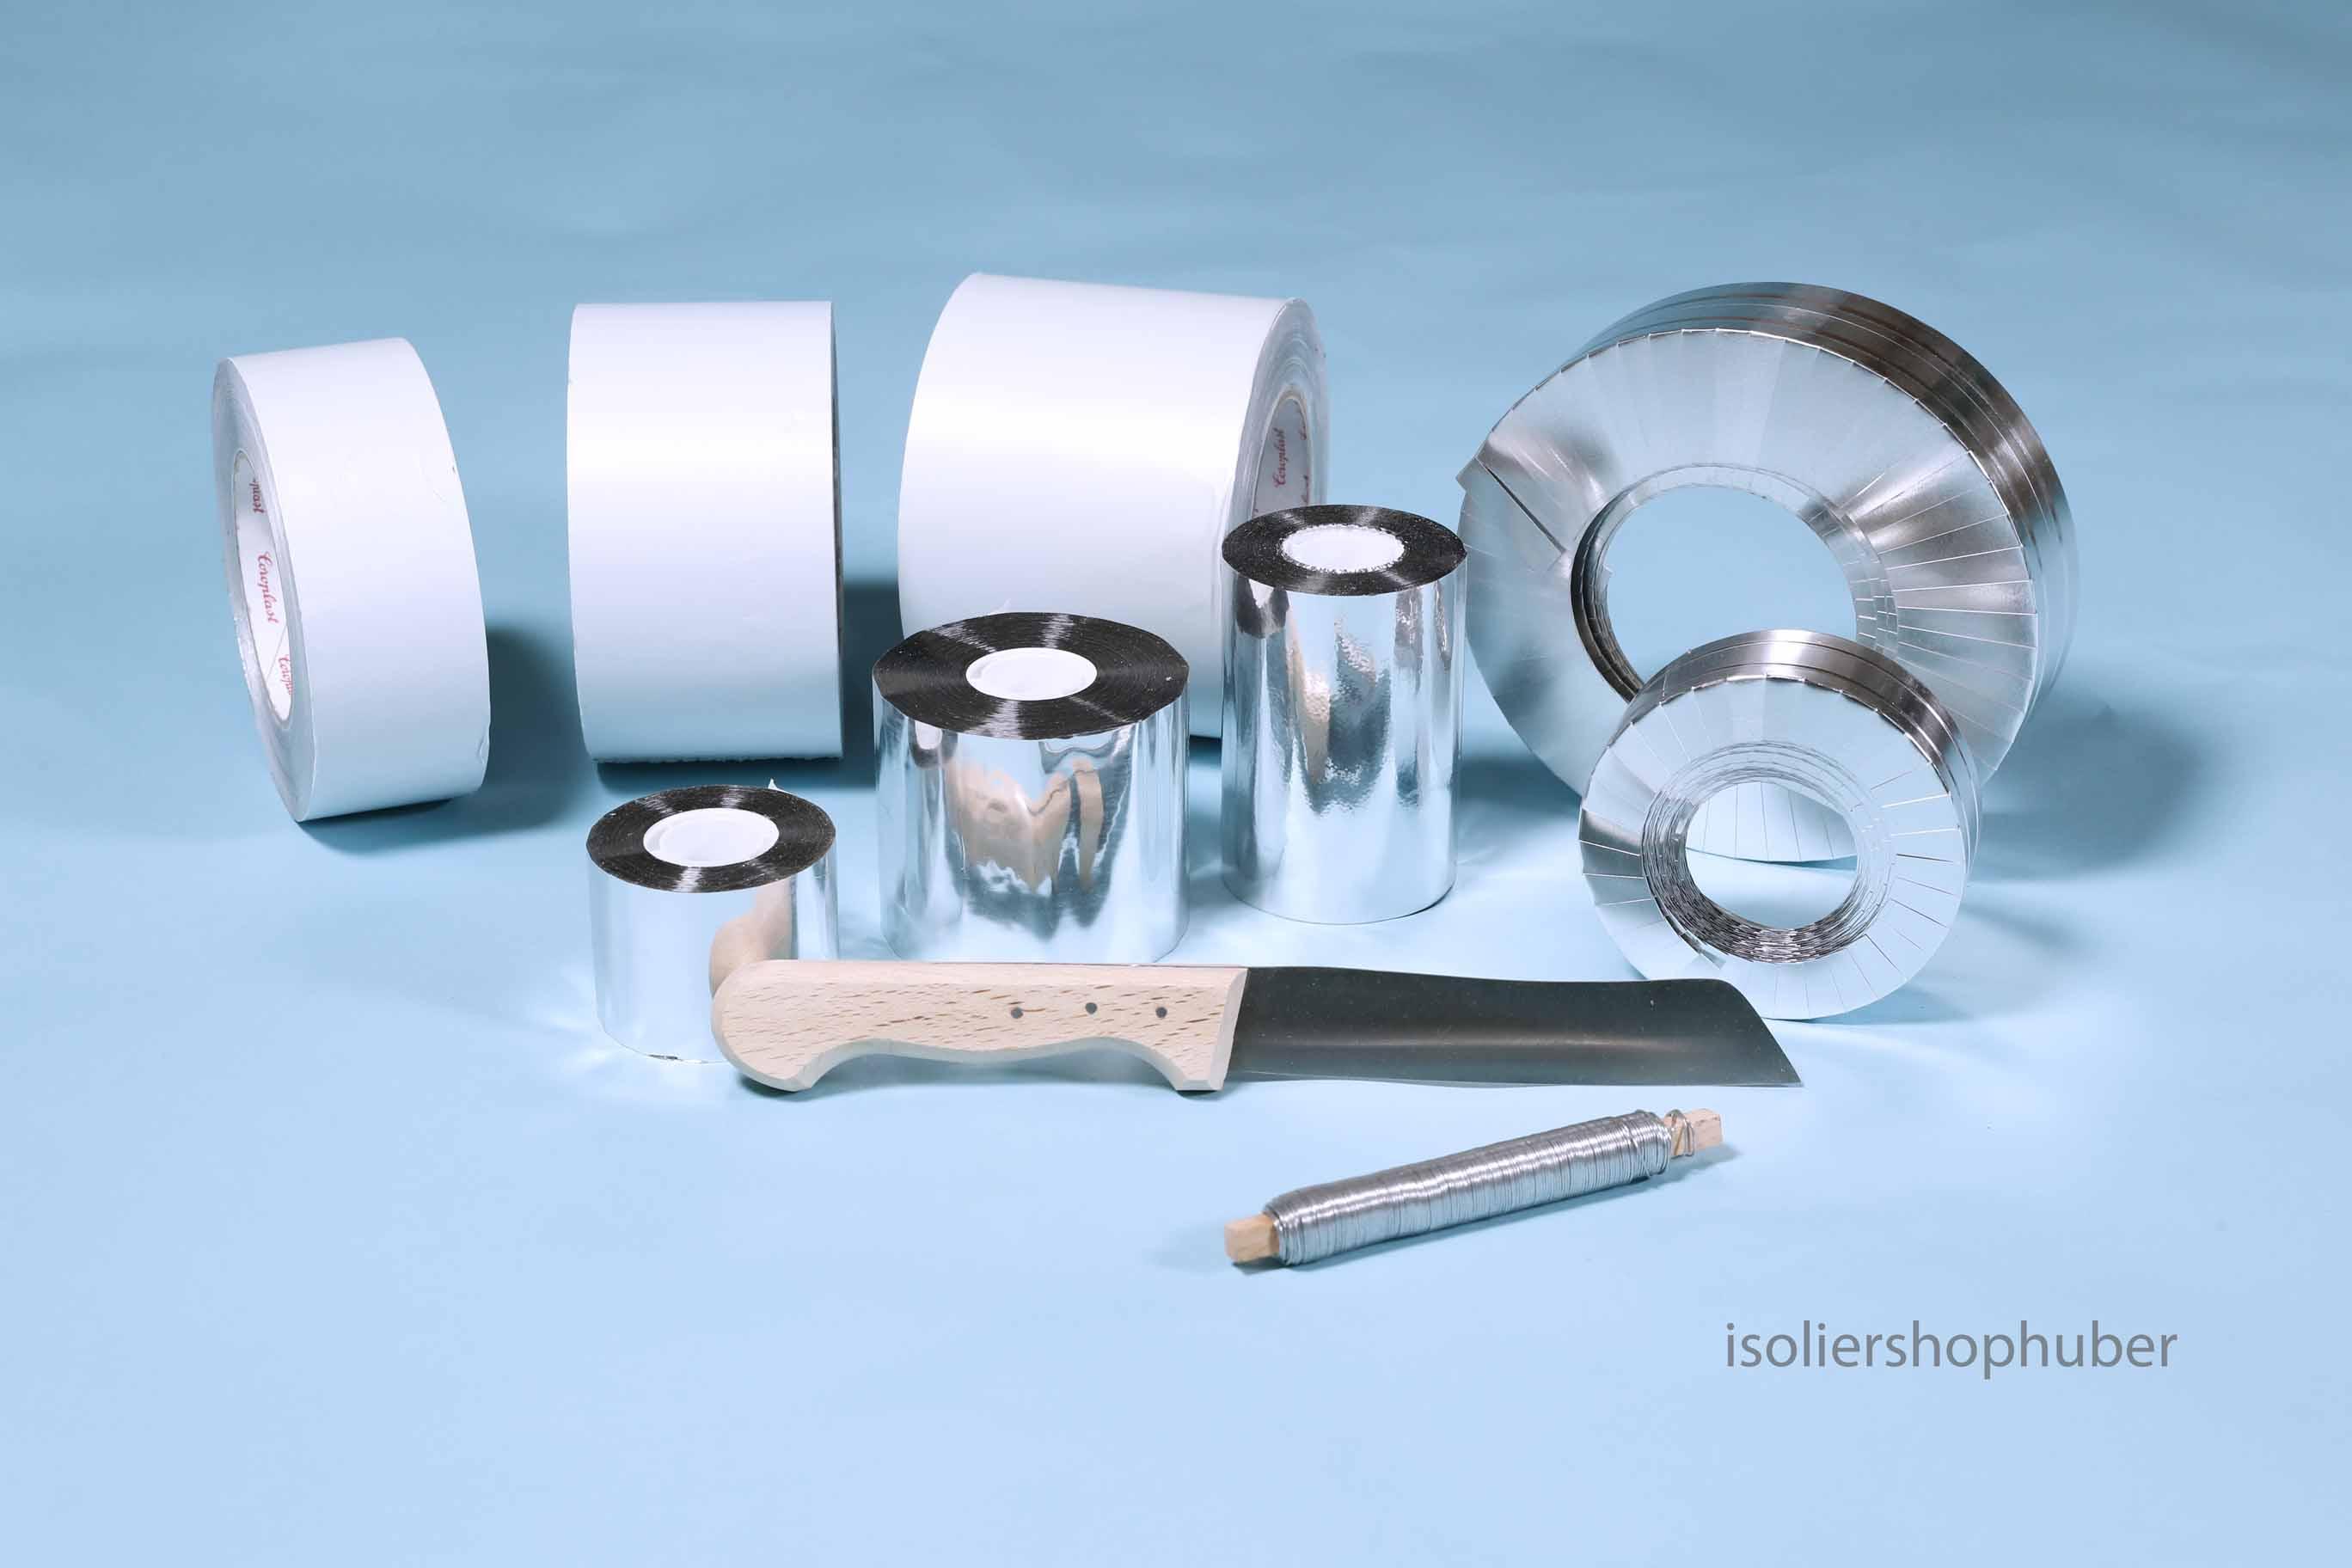 isoliershophuber mattenmesser gerade mit holzgriff solinger klinge schaumstoff mineralwolle. Black Bedroom Furniture Sets. Home Design Ideas